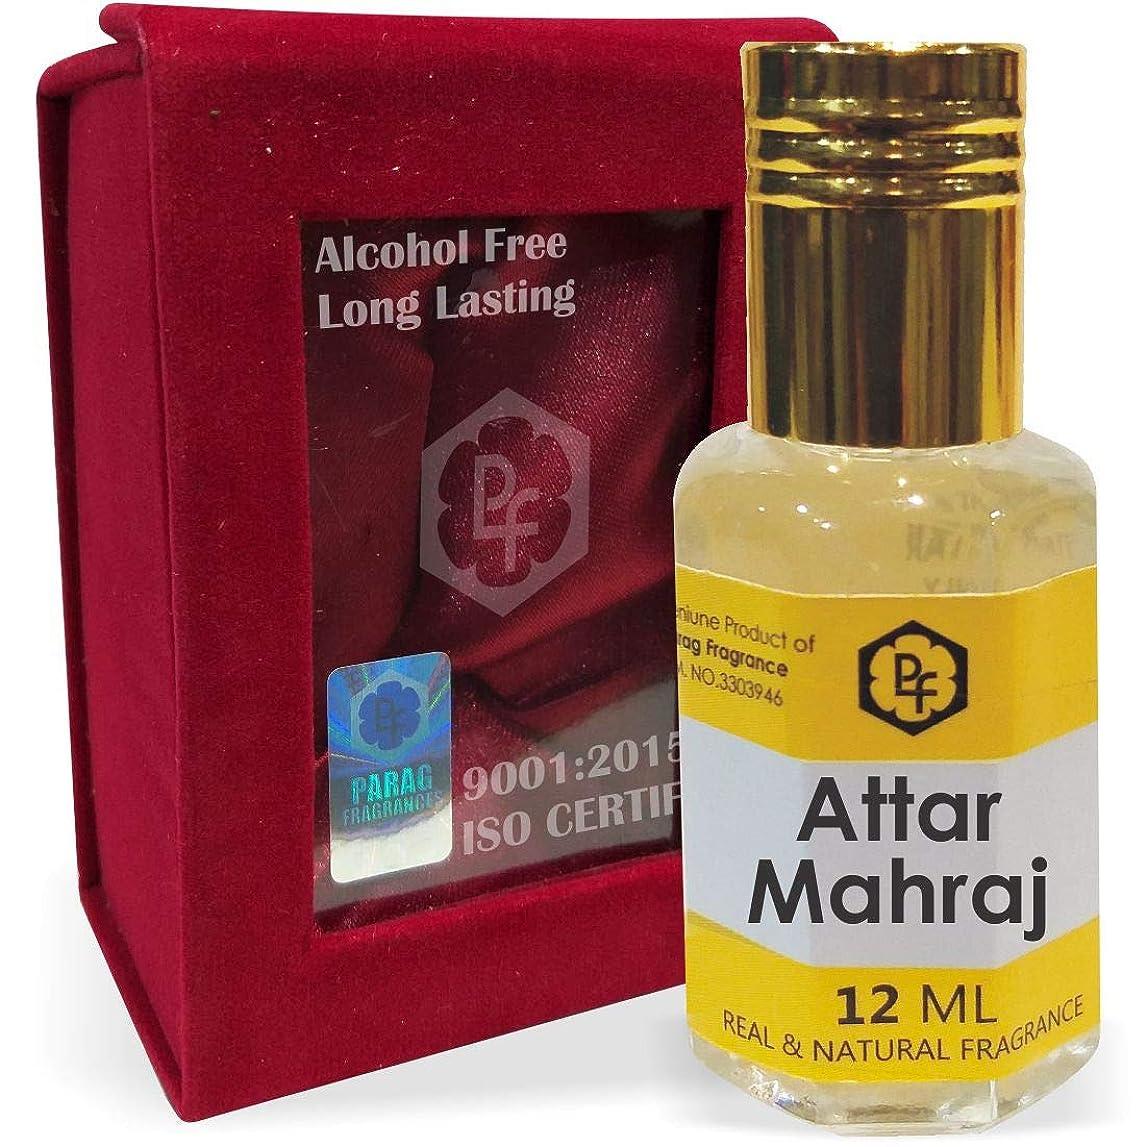 電圧社会借りているParagフレグランス手作りベルベットボックスMahraj 12ミリリットルアター/香水(インドの伝統的なBhapka処理方法により、インド製)オイル/フレグランスオイル|長持ちアターITRA最高の品質